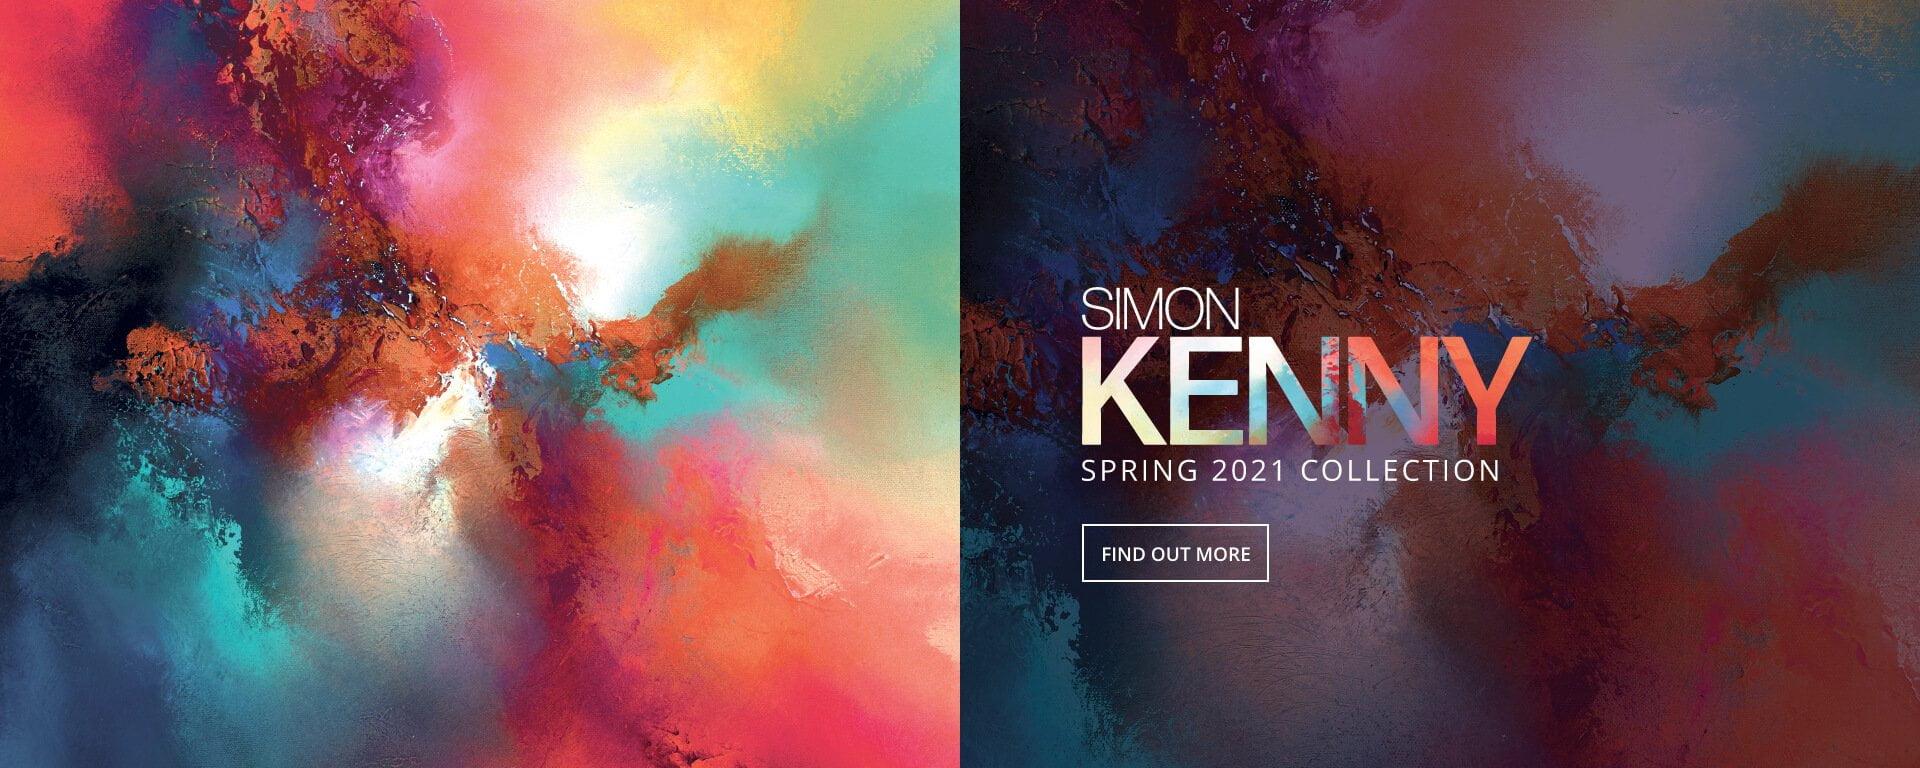 Simon Kenny – The Spring 2021 Collection